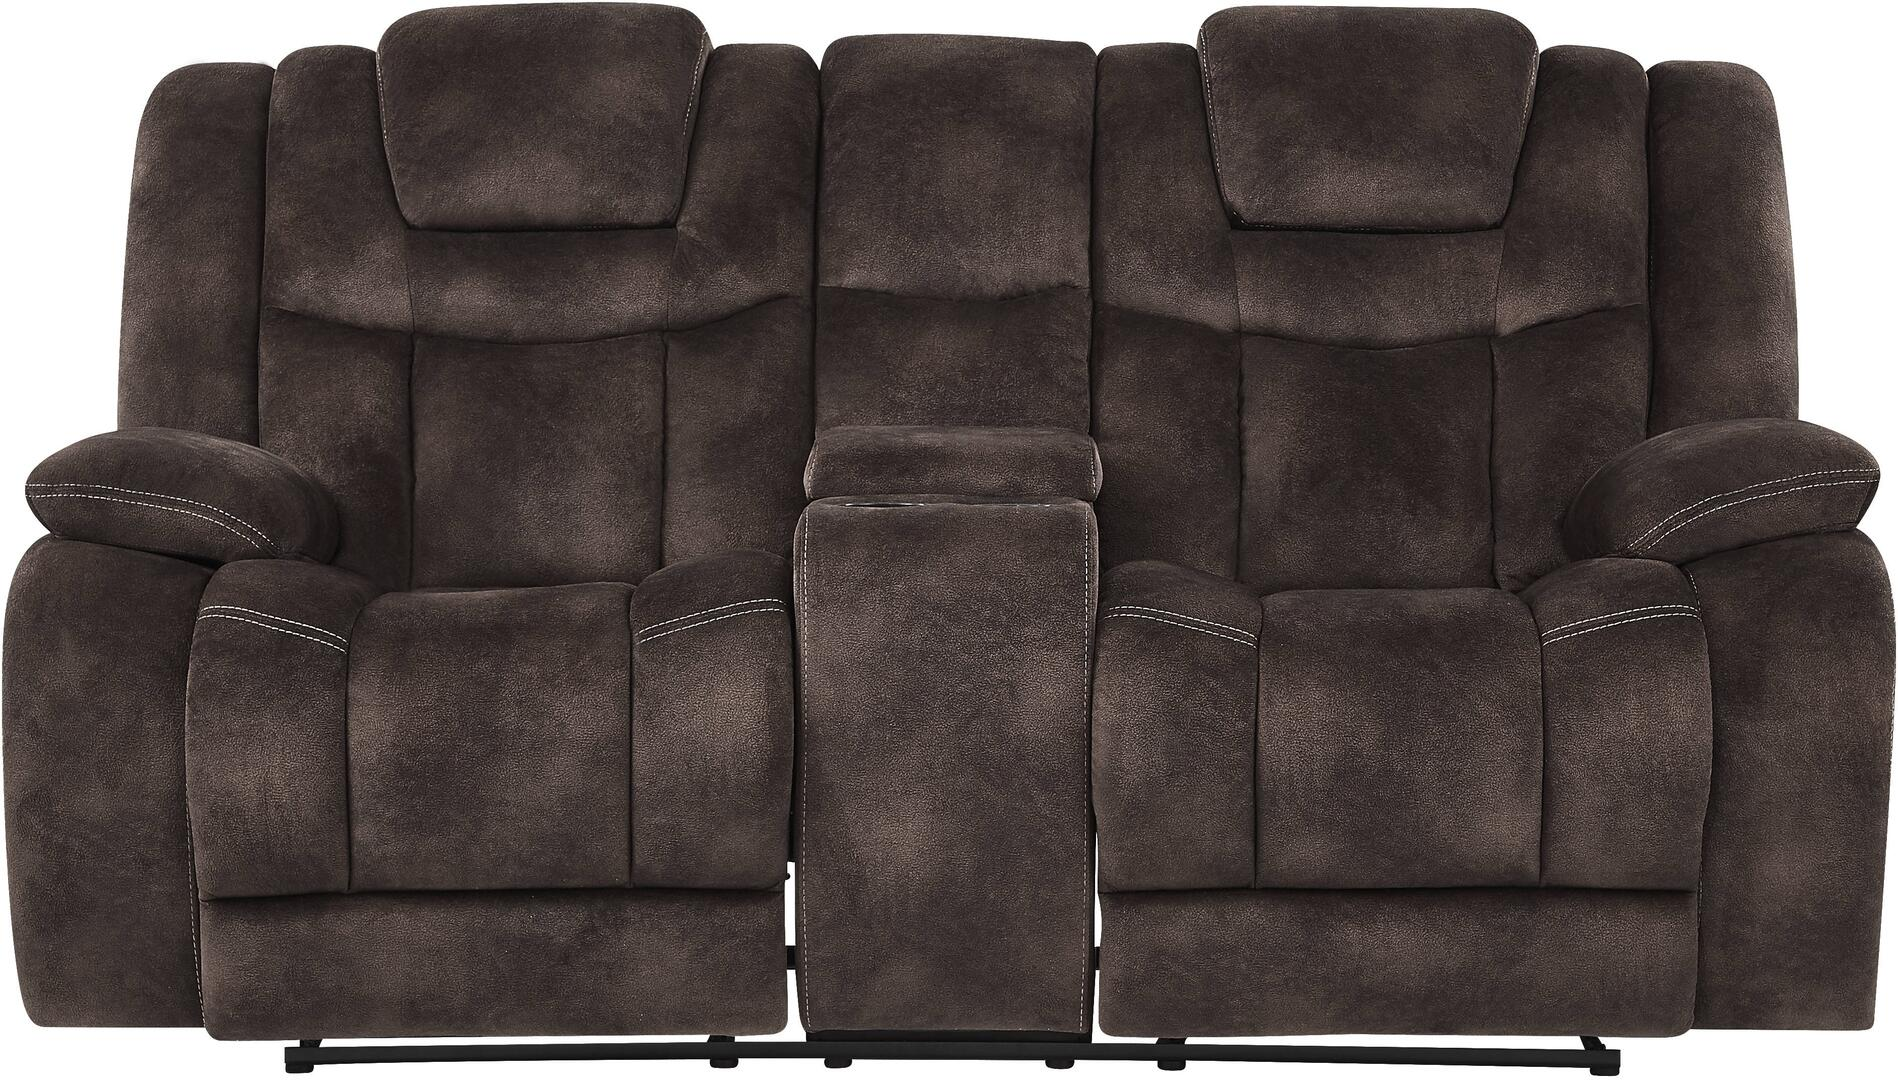 Swell Global Furniture Usa U1706Nightrangechocolatepcrlswphr Frankydiablos Diy Chair Ideas Frankydiabloscom